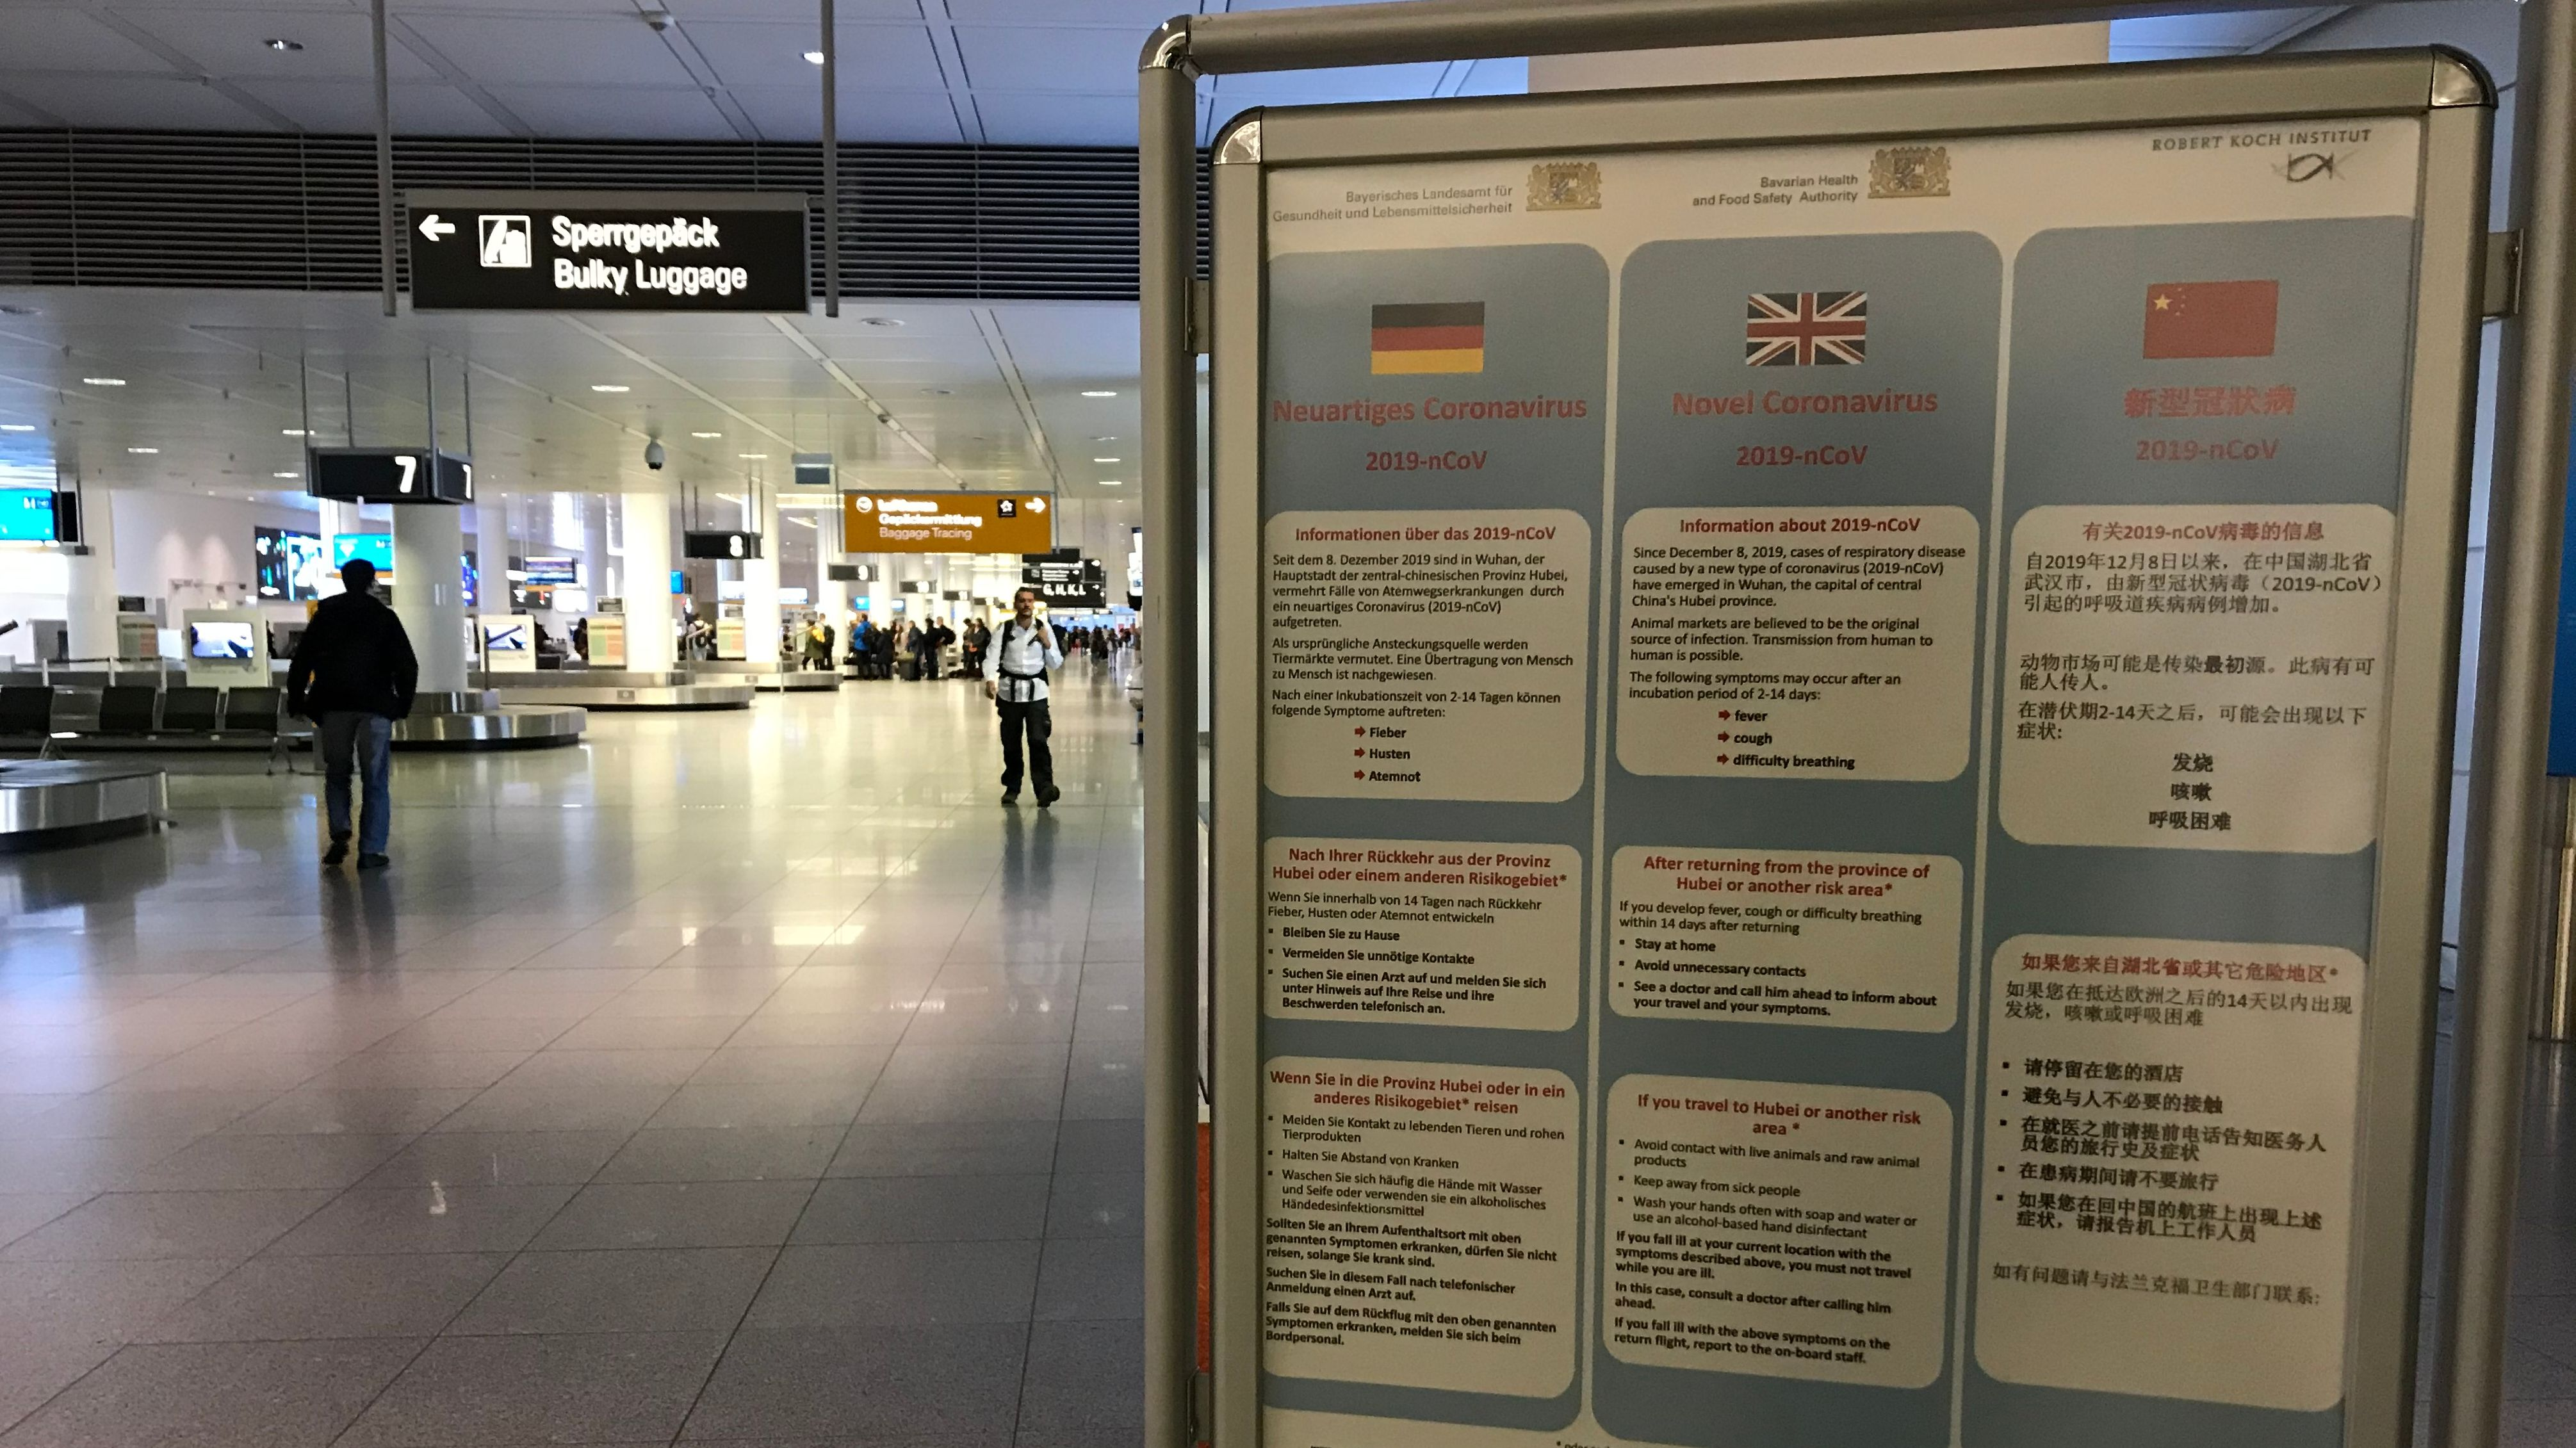 Flughafen München am 29.01.2020: Aushang auf deutsch, englisch und chinesisch.